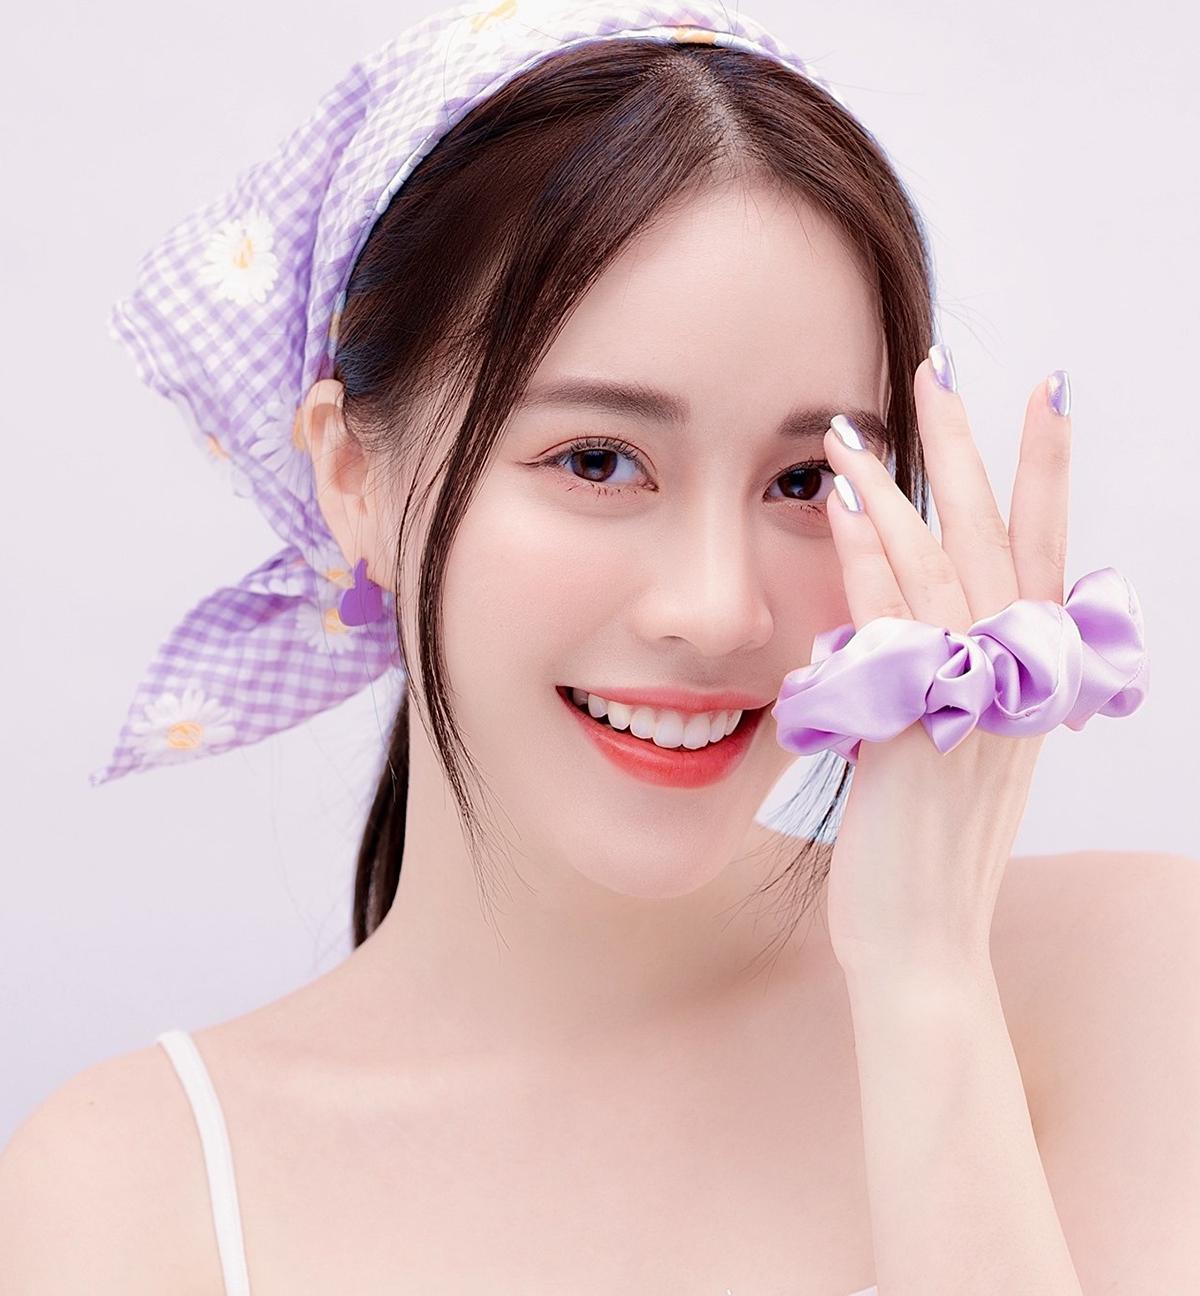 Ngô Thị Mai Phương sinh năm 1997, đến từ Hải Phòng. Trước khi ghi danh Hoa hậu Việt Nam 2020, đoạt giải á khôi 1 của hai cuộc thi Nữ sinh Việt Nam duyên dáng 2016 và Hoa khôi Sinh viên Việt Nam 2016.